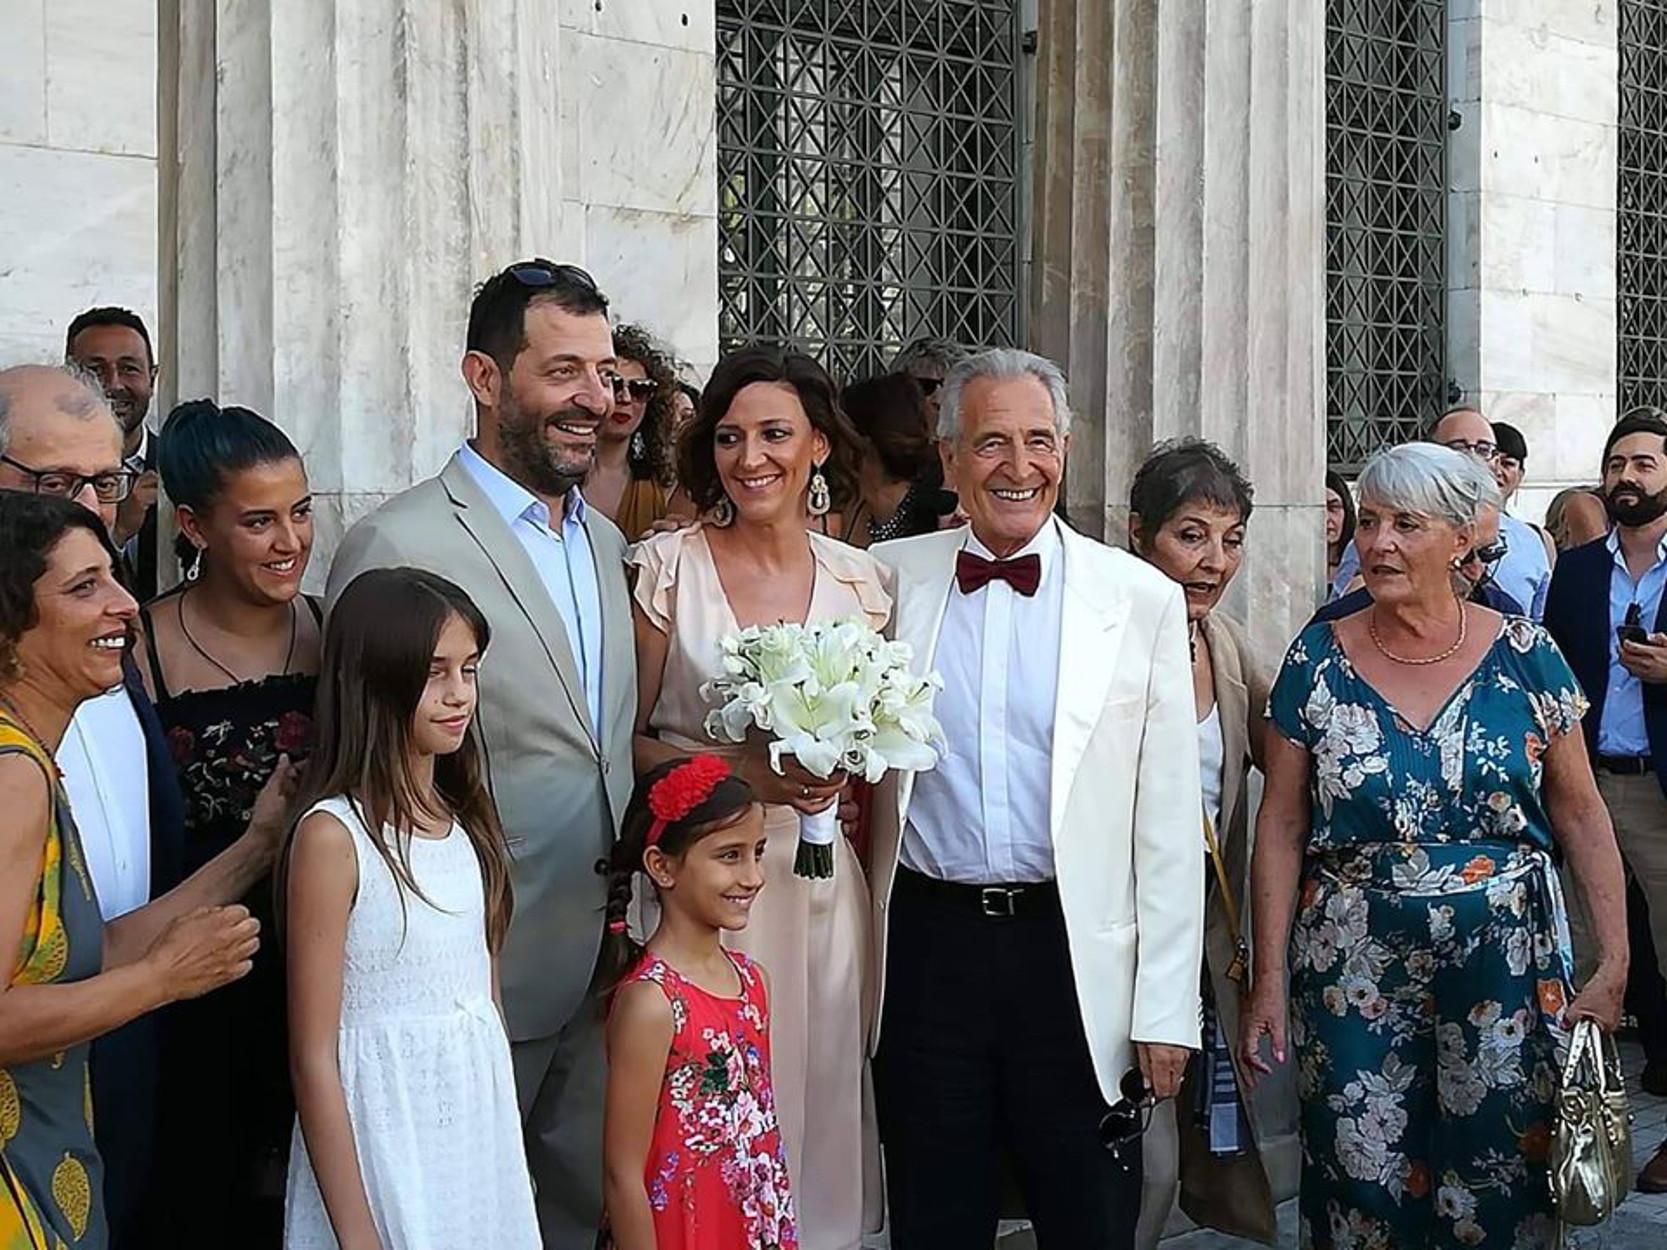 Γιώργος Κοτανίδης: Λίγους μήνες πριν είχε παντρέψει την κόρη του! Θρήνος για τον γνωστό ηθοποιό